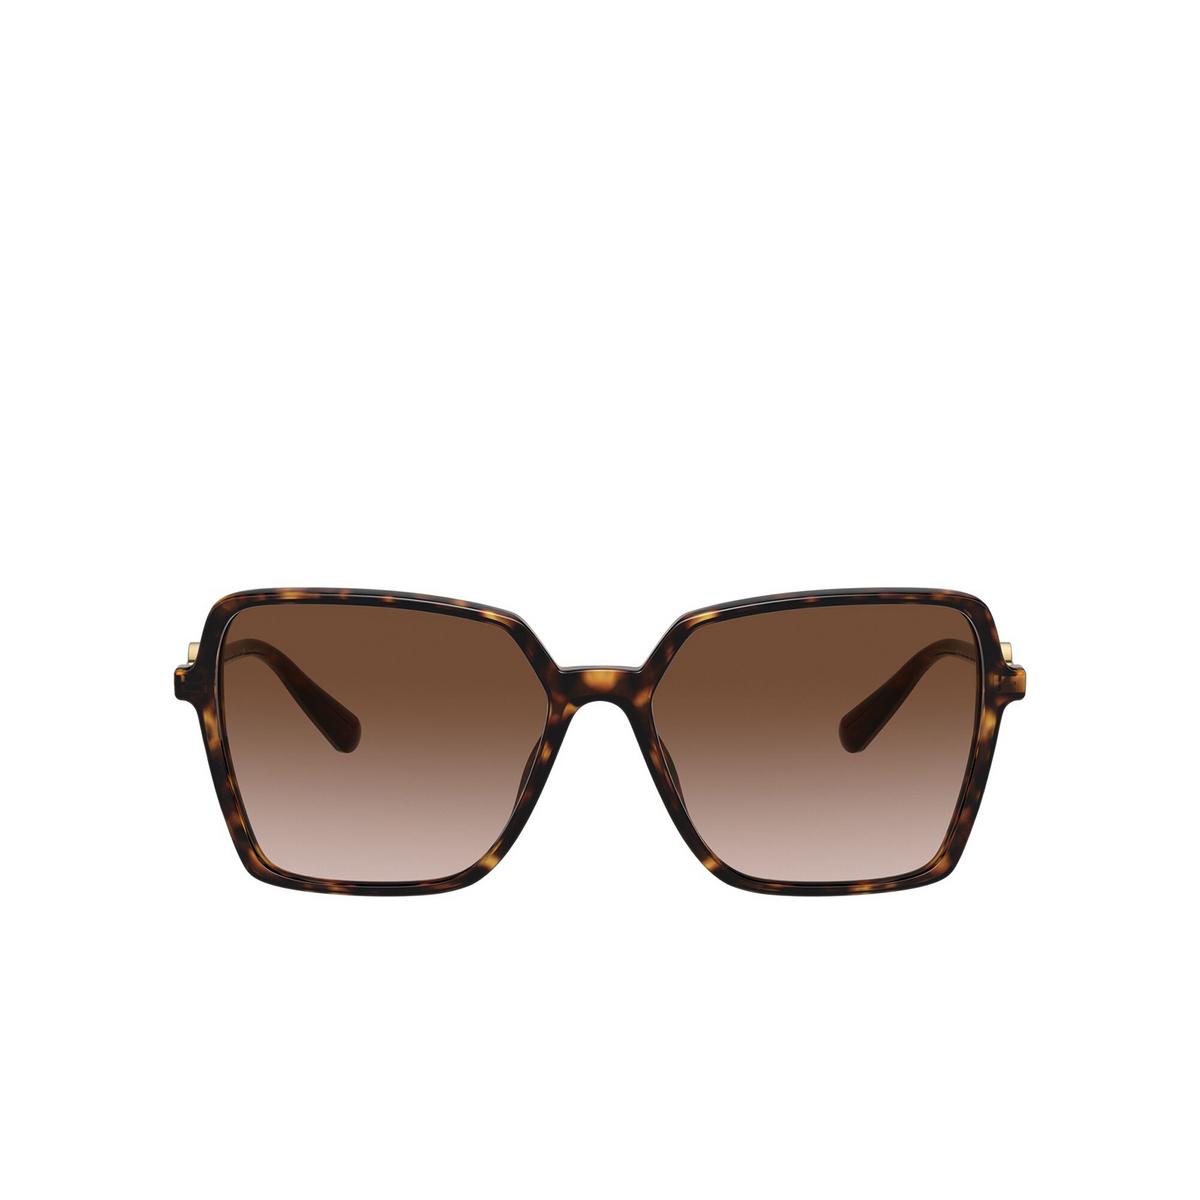 Versace® Square Sunglasses: VE4396 color Havana 108/13 - front view.